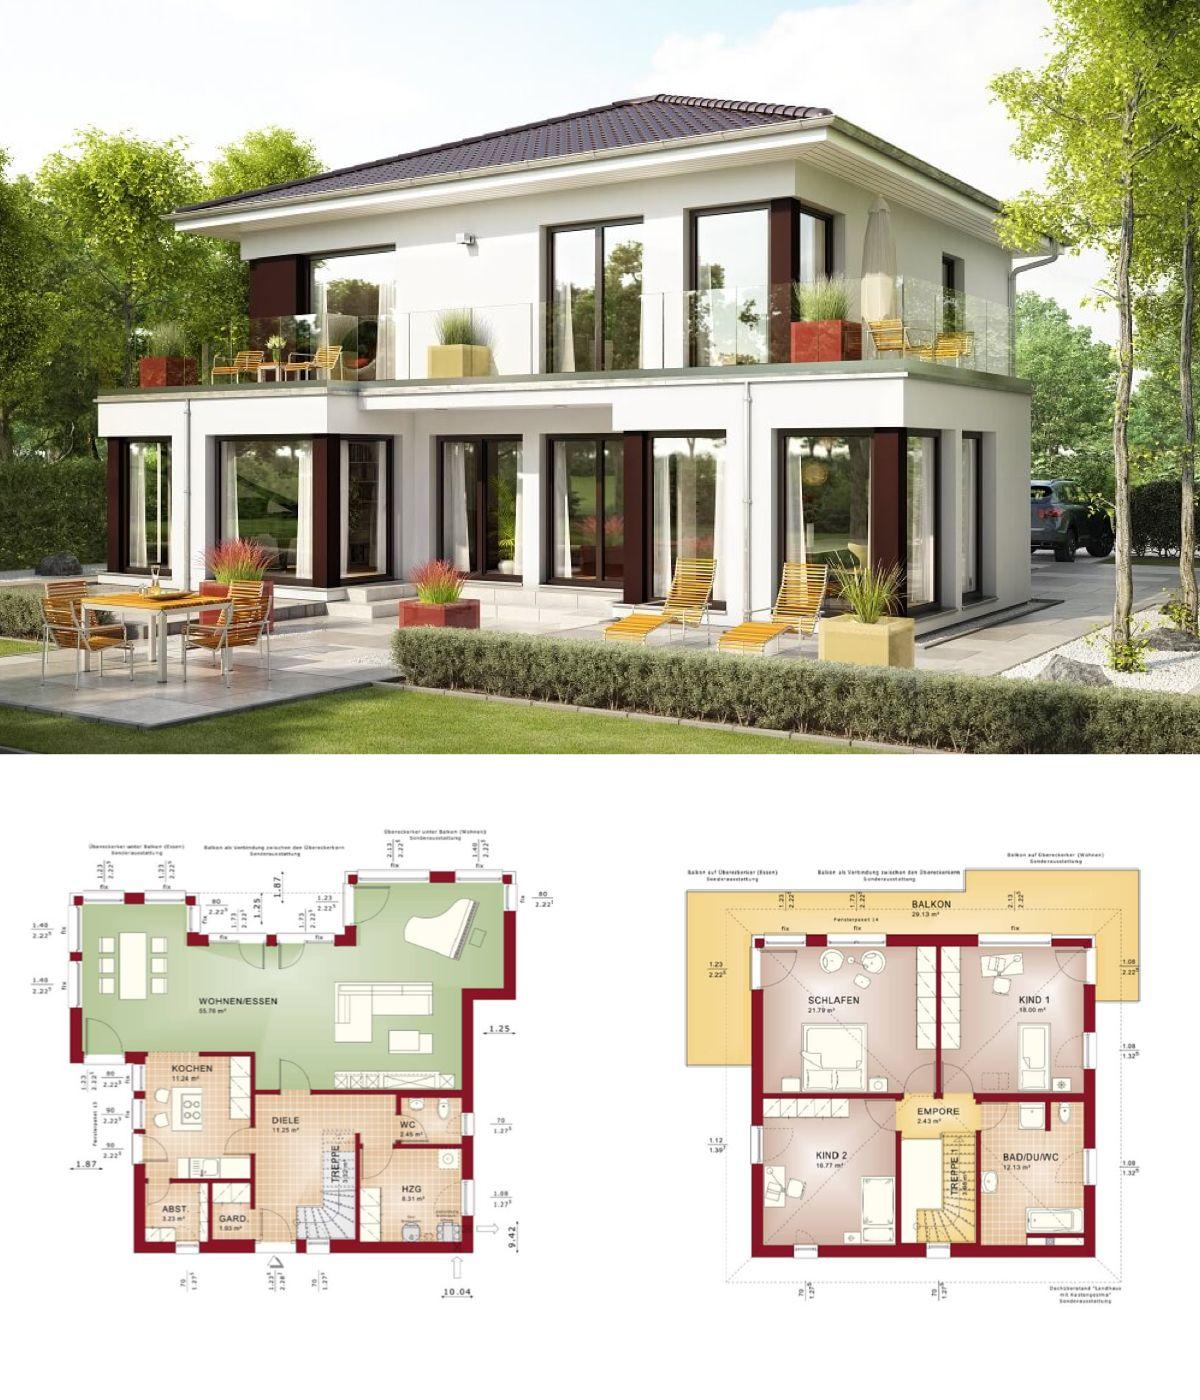 Einfamilienhaus evolution 154 v10 bien zenker fertighaus for Einfamilienhaus modern walmdach